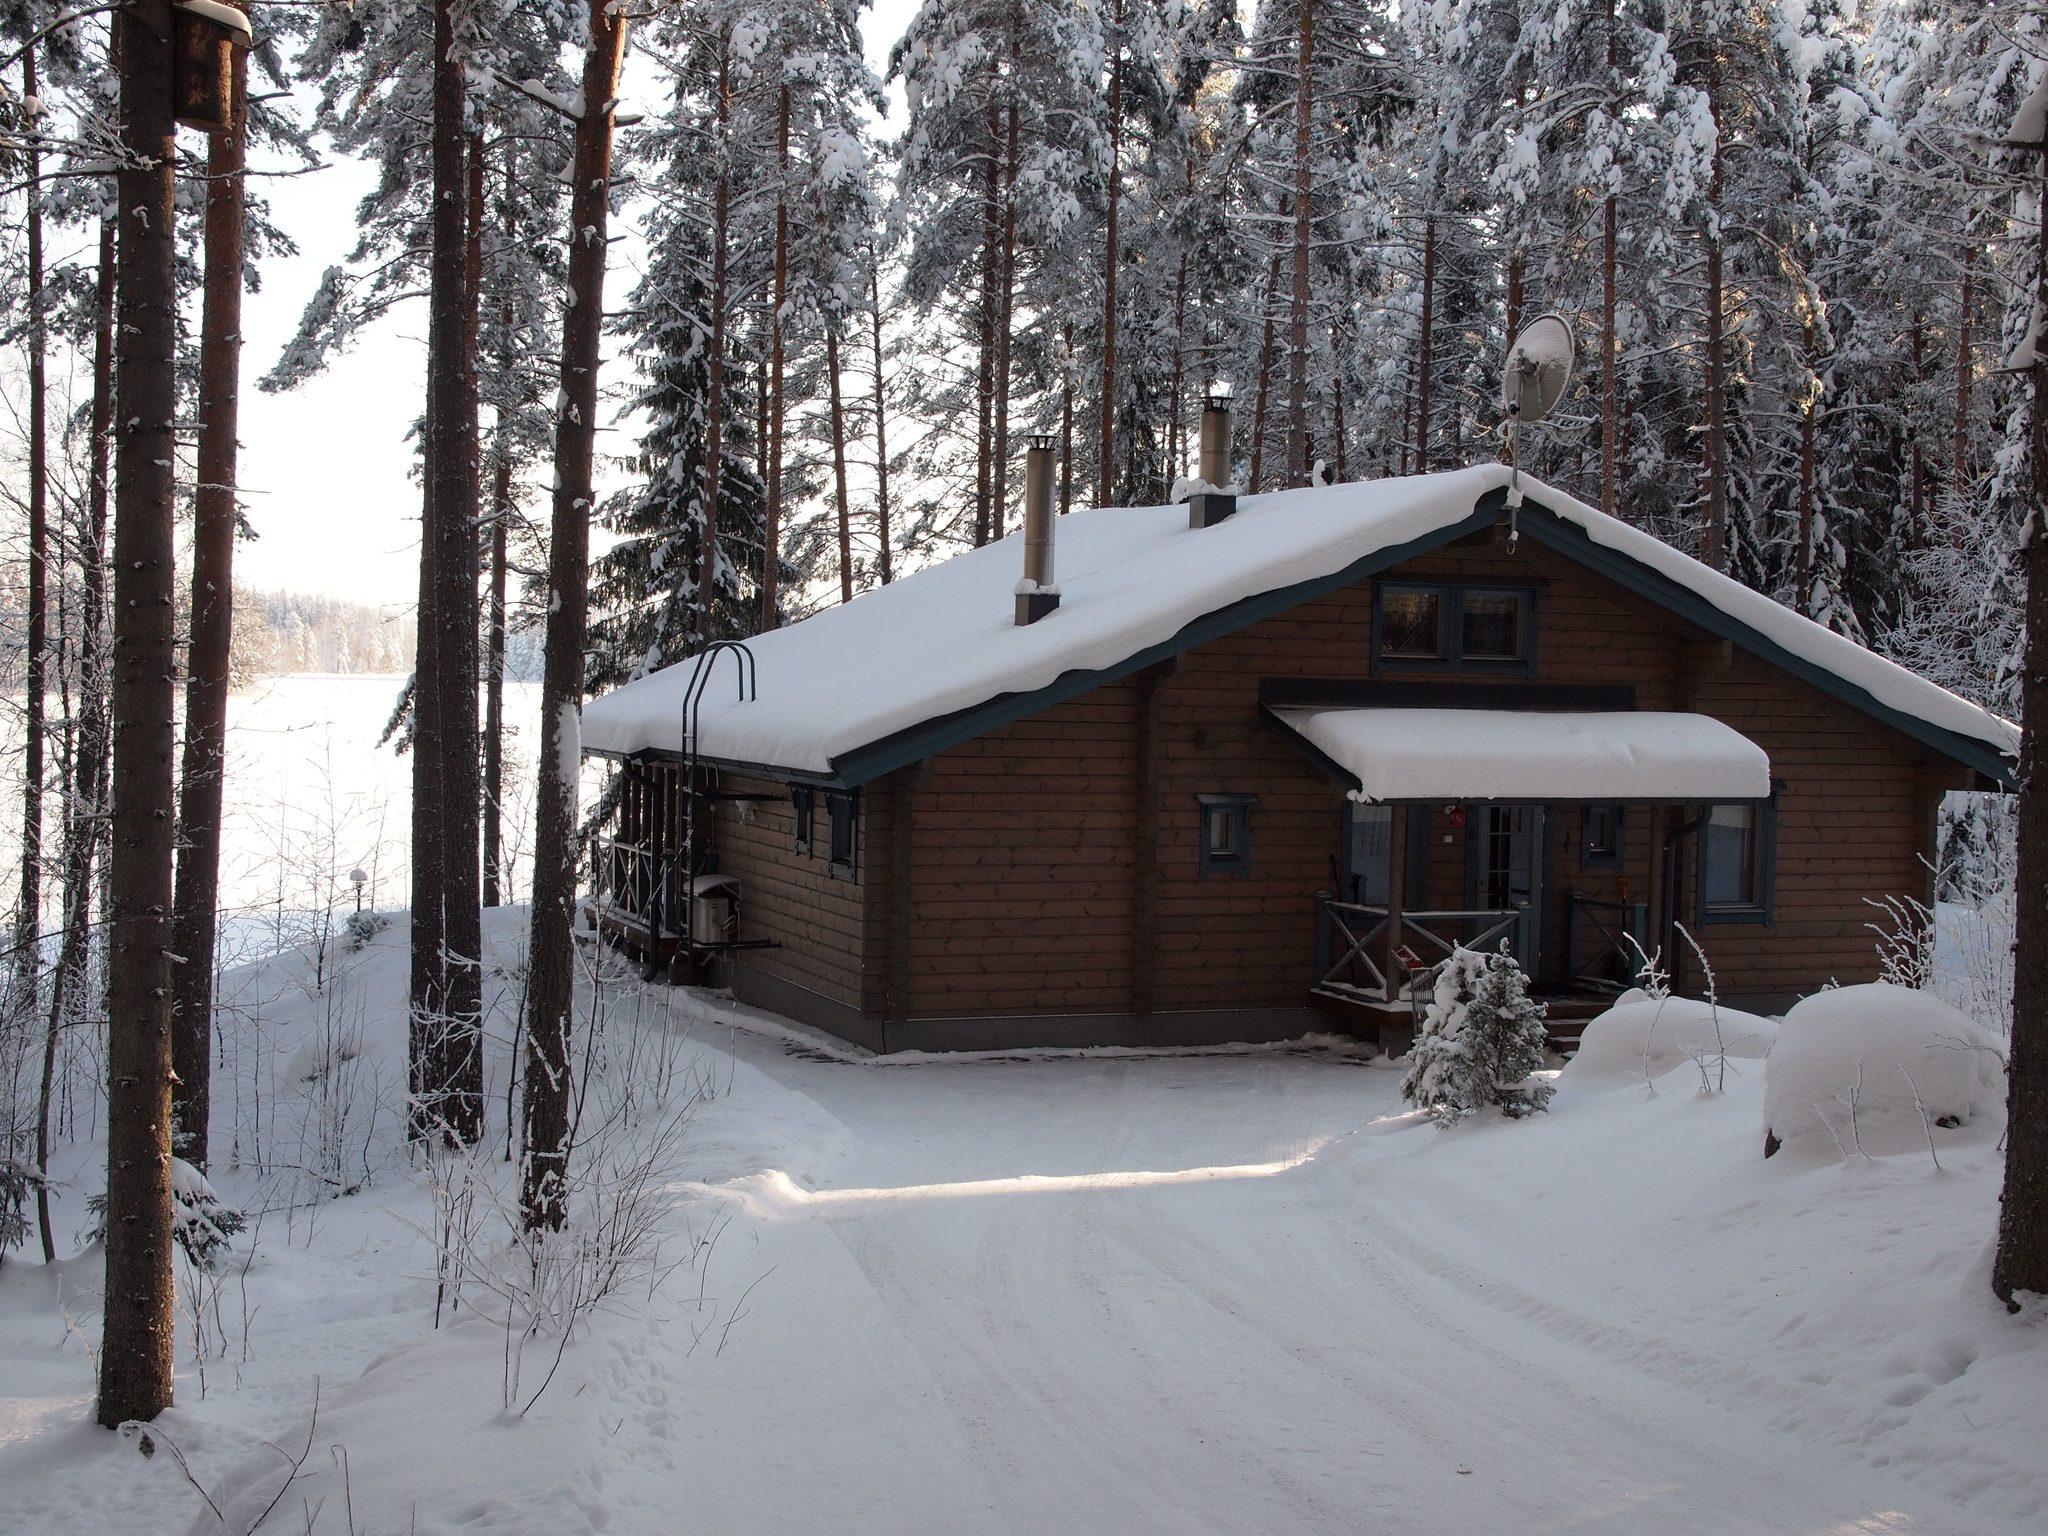 Villa Heijastus, 8 Personen, 2 Schlafzimmer, 115m2, Mikkeli